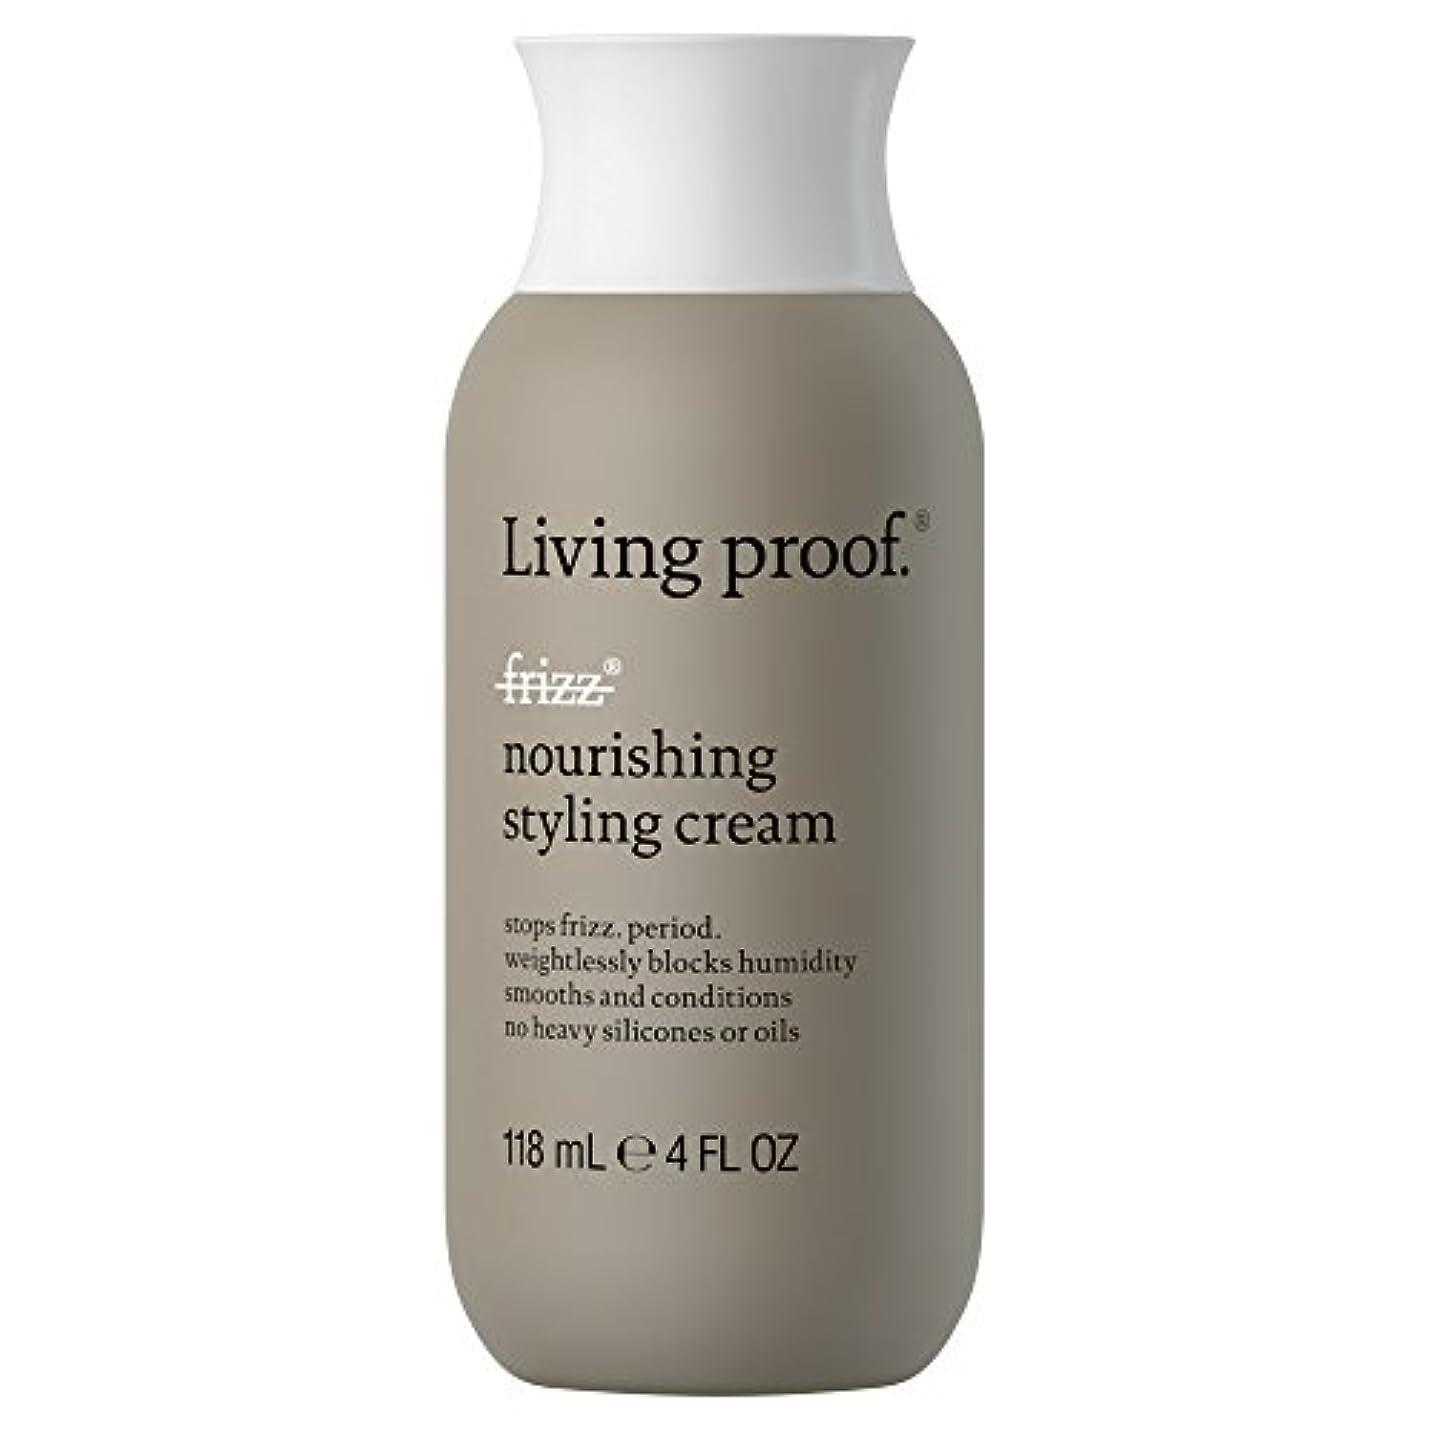 勇敢なハイライト出会い生きている証拠なし縮れ栄養スタイリングクリーム118ミリリットル (Living Proof) - Living Proof No Frizz Nourishing Styling Cream 118ml [並行輸入品]